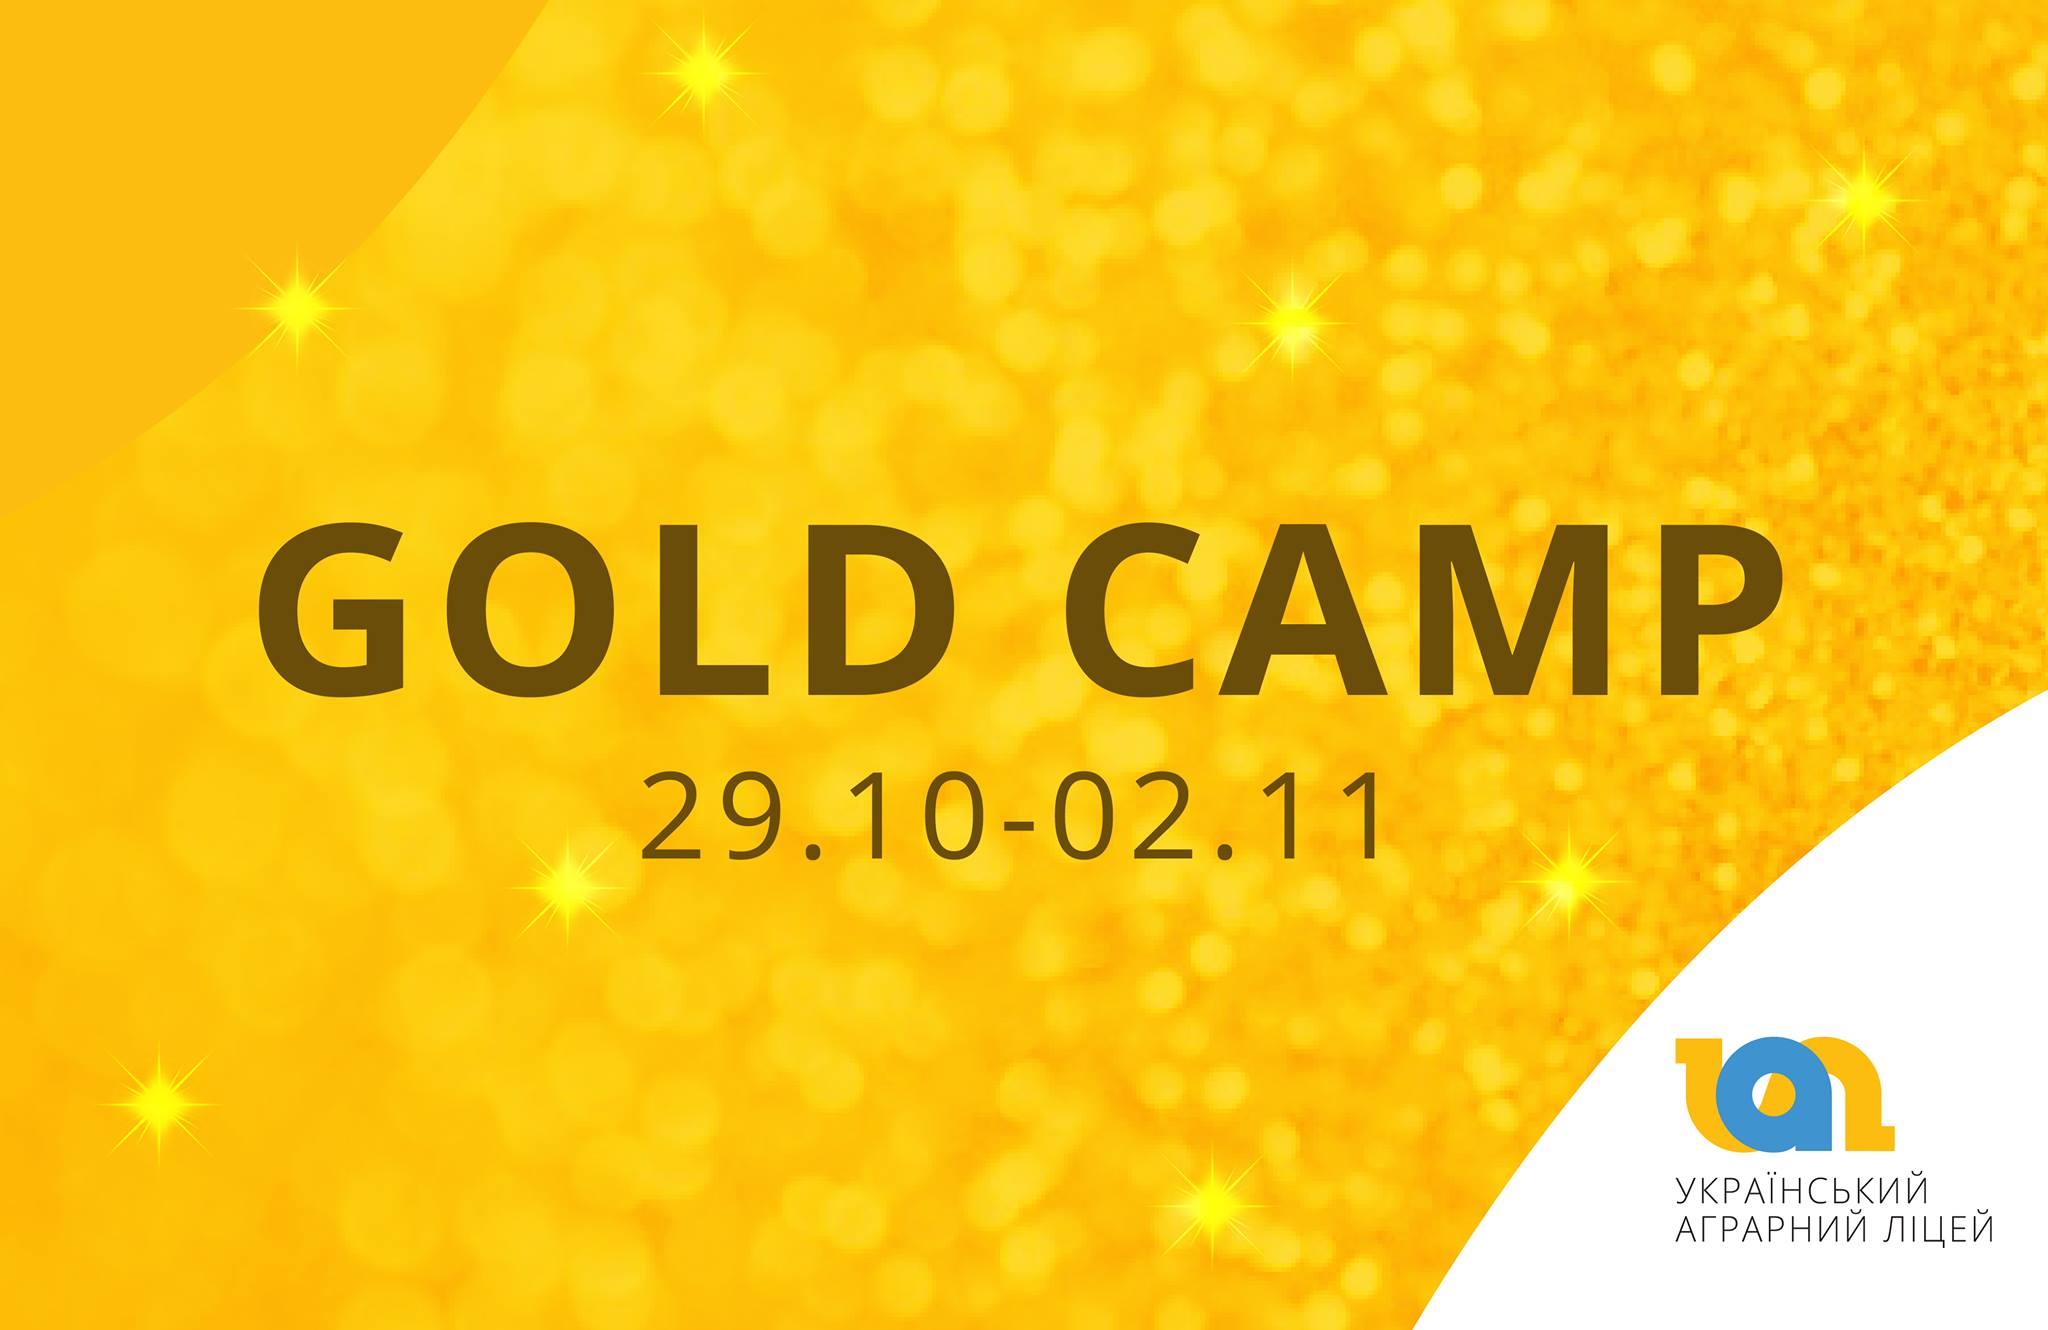 Український аграрний ліцей запрошує школярів у молодіжний табір GOLD CAMP!